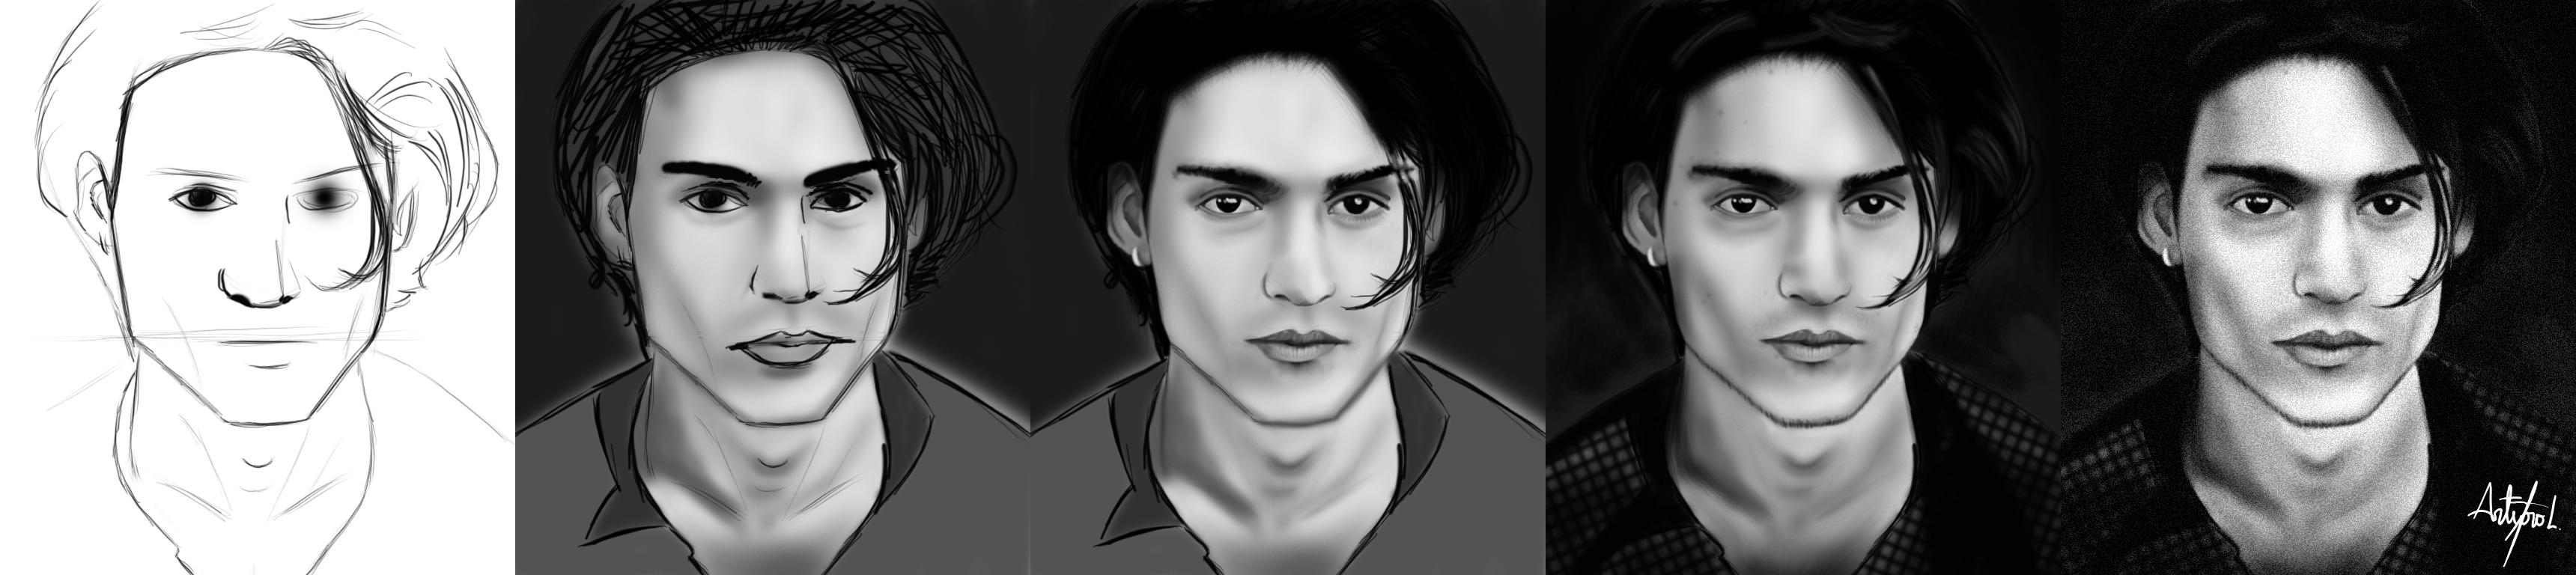 Como dibujar a Johnny Depp How_to_paint_Johnny_Depp_by_arthurforzus